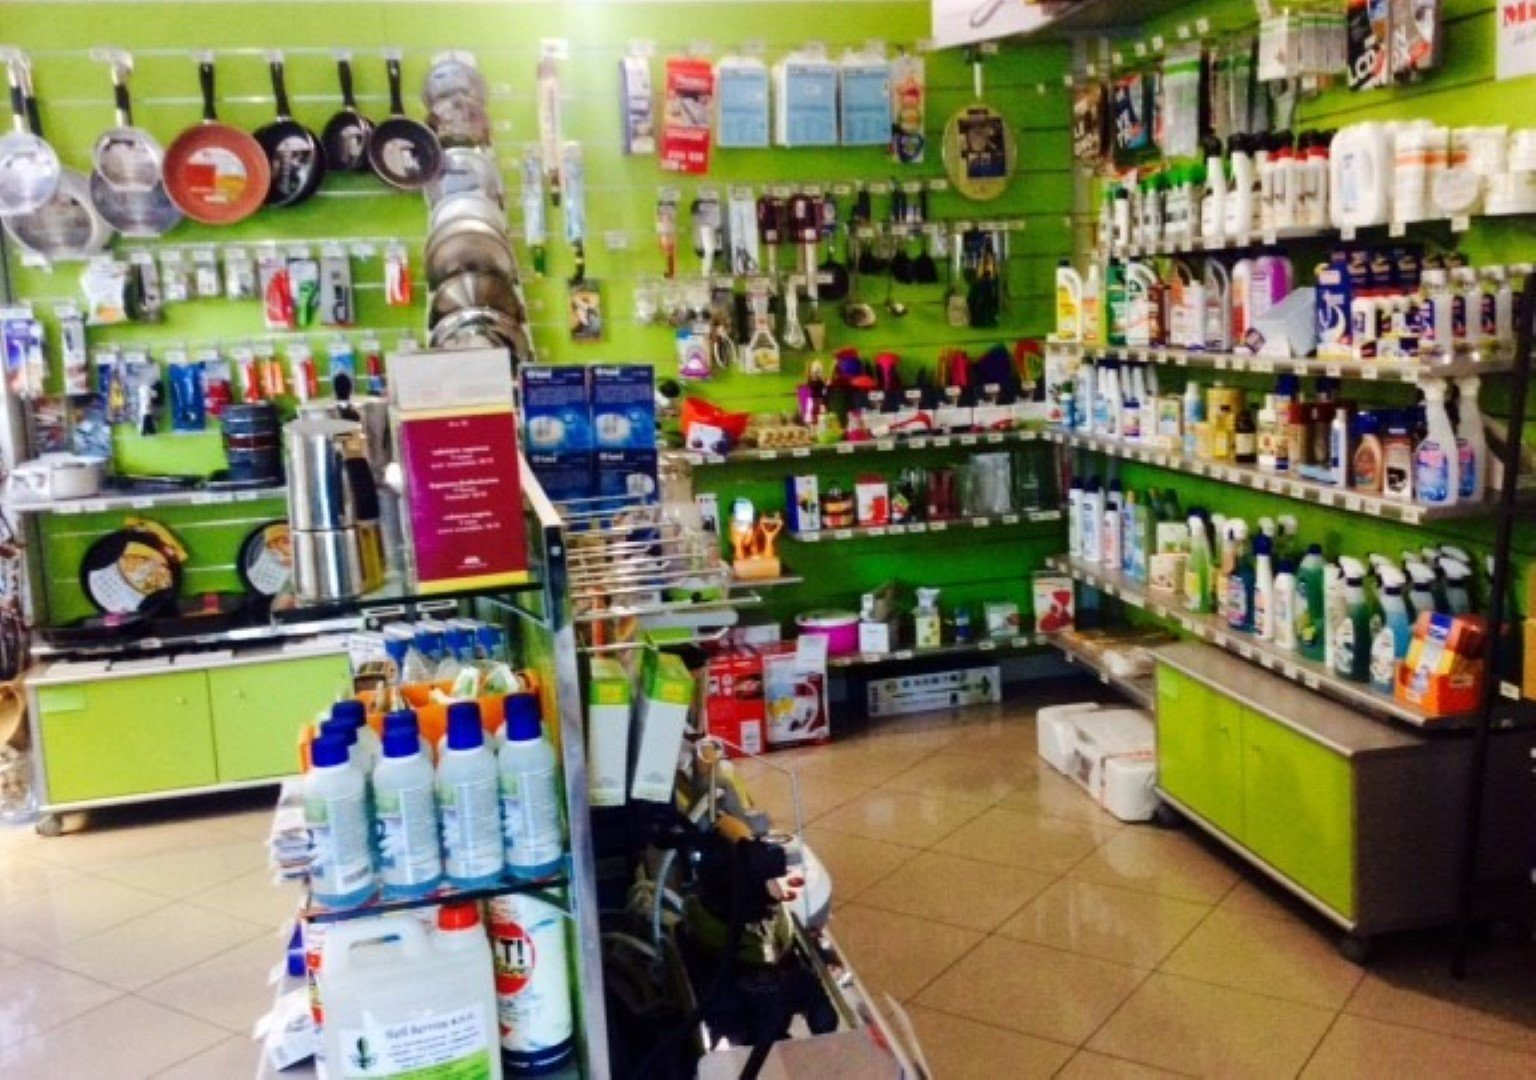 Interno di un negozio con pareti verdi